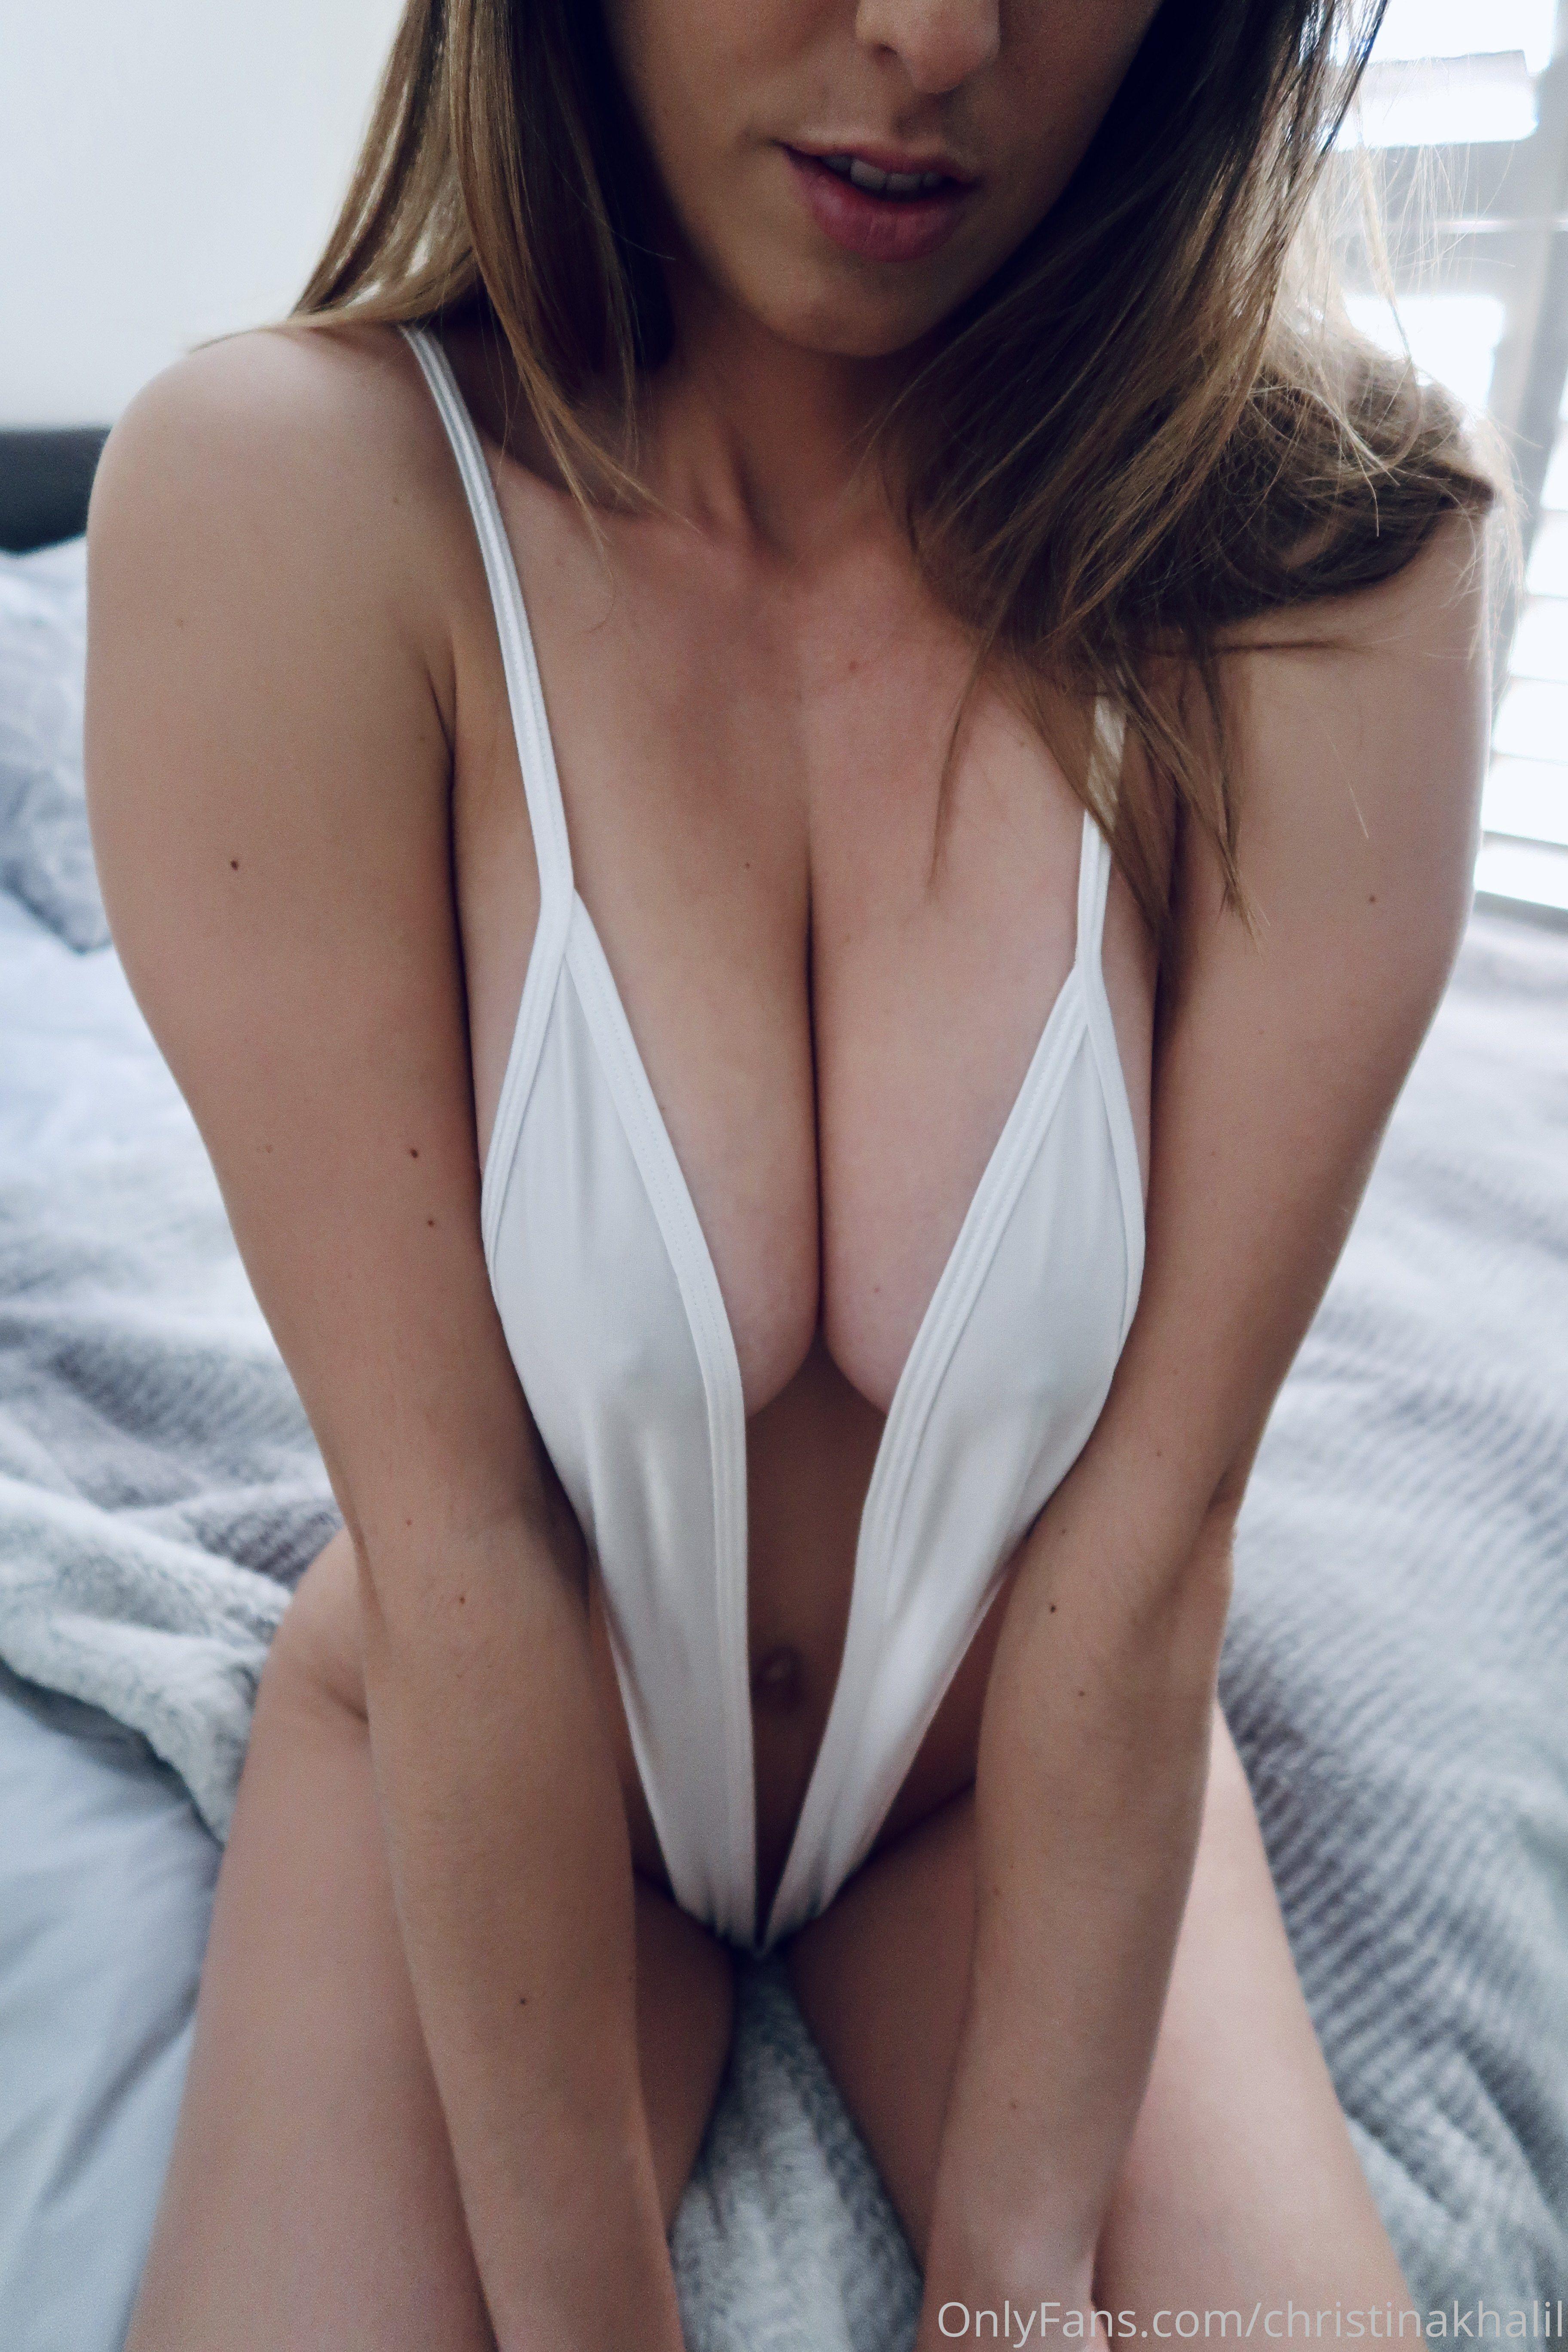 Christina Khalil White Hot Ck White Sling Bikini 0009